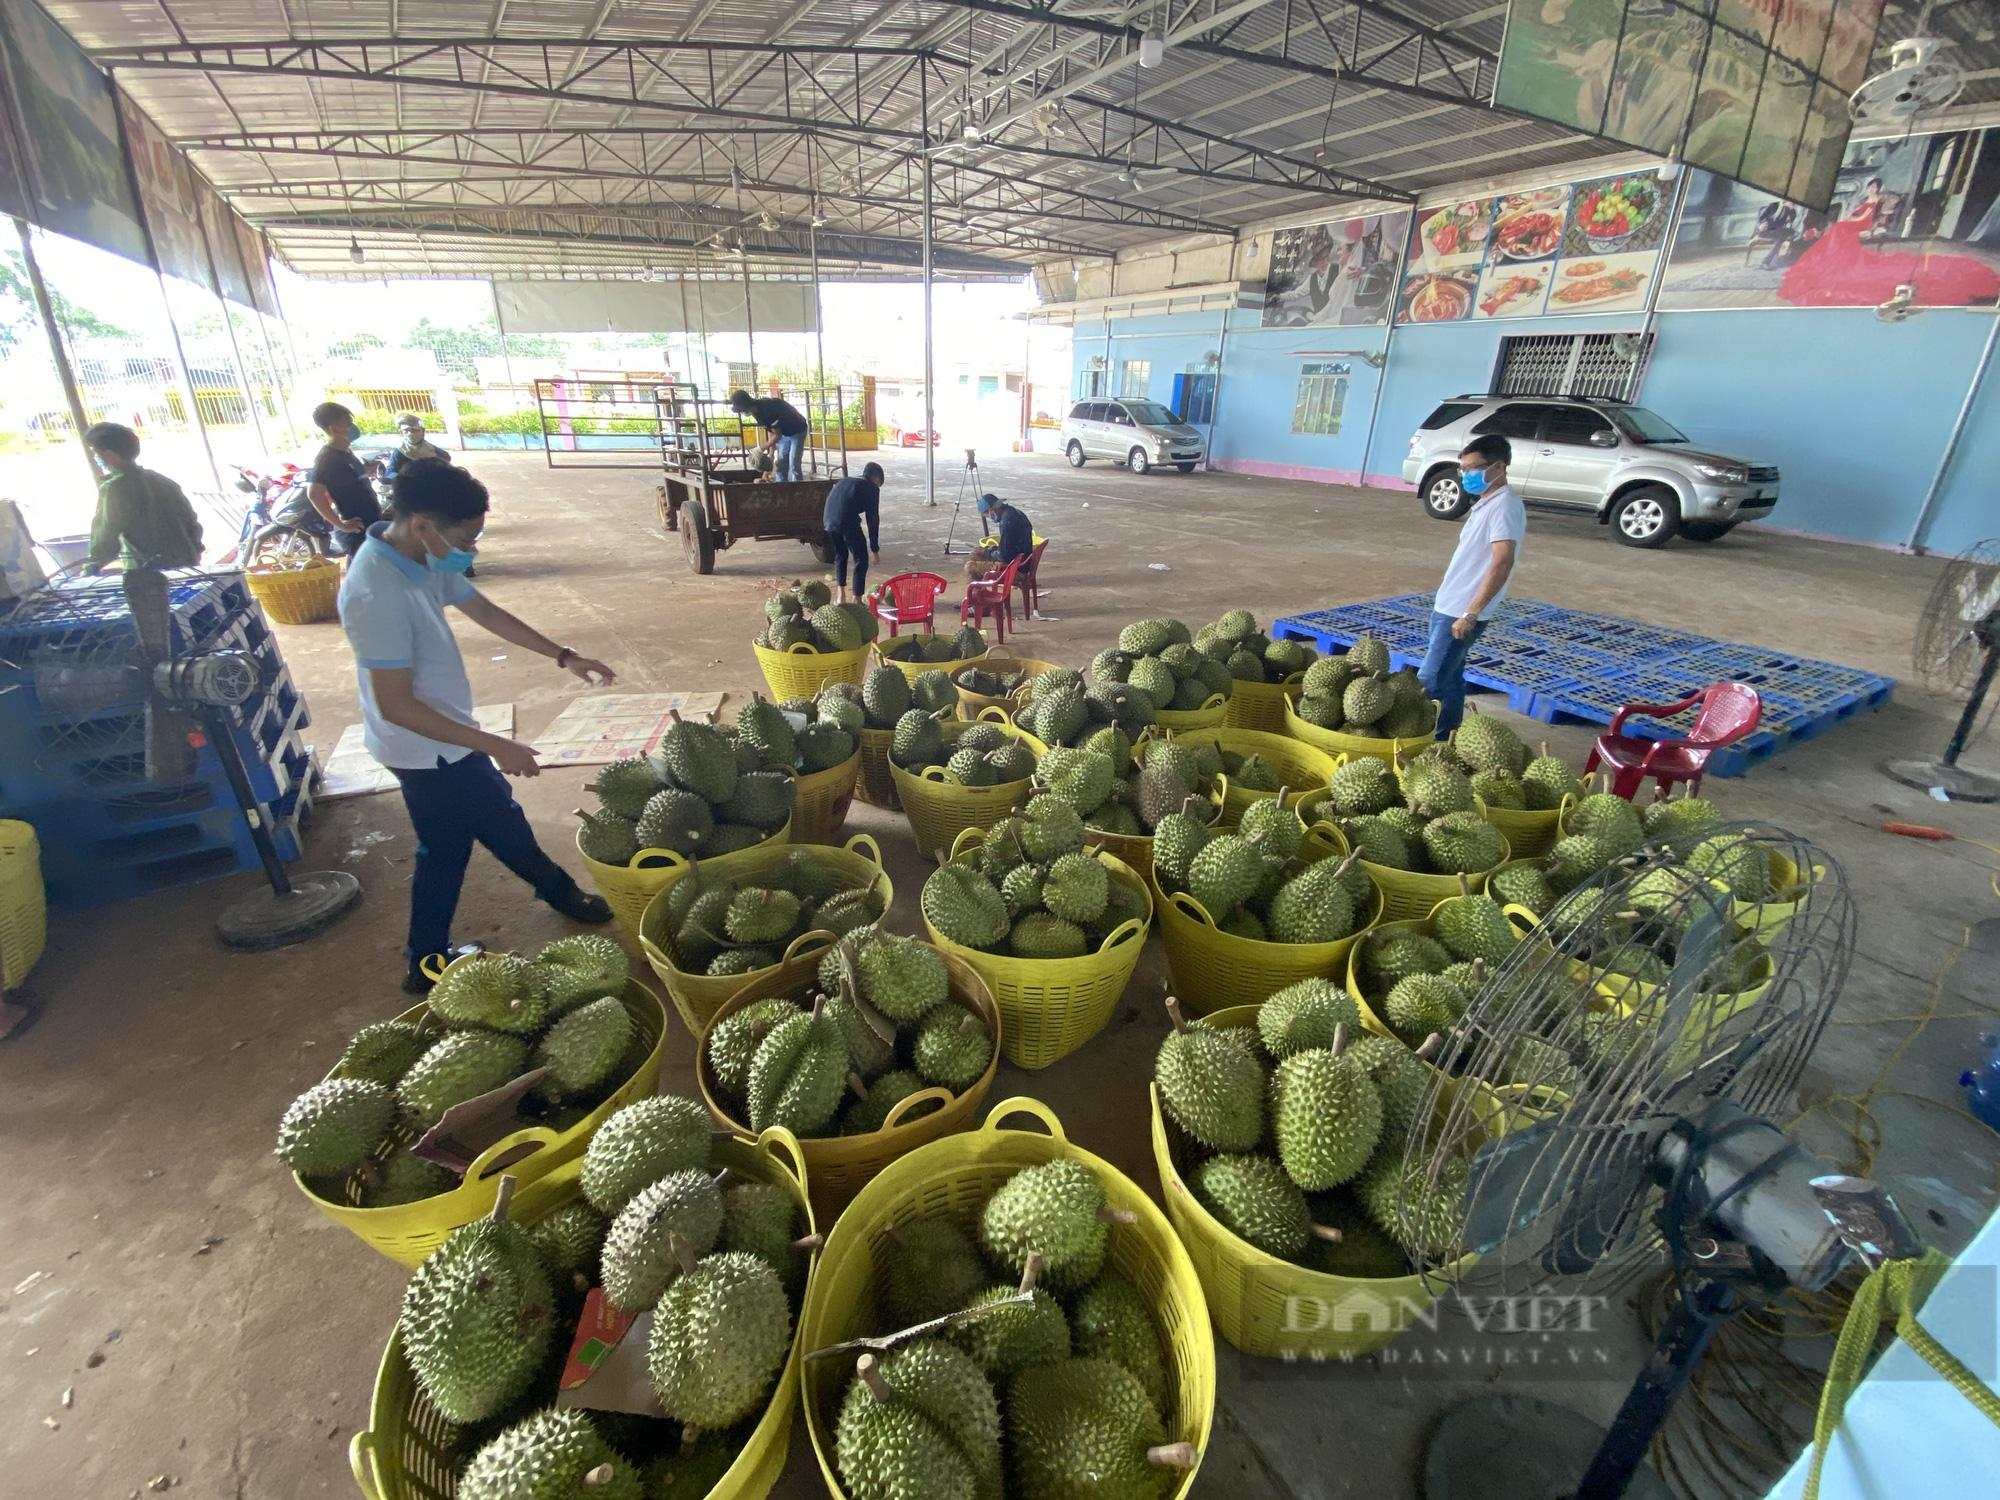 Đắk Lắk: Thủ phủ sầu riêng tìm lối ra trước những khó khăn mùa dịch Covid-19  - Ảnh 3.